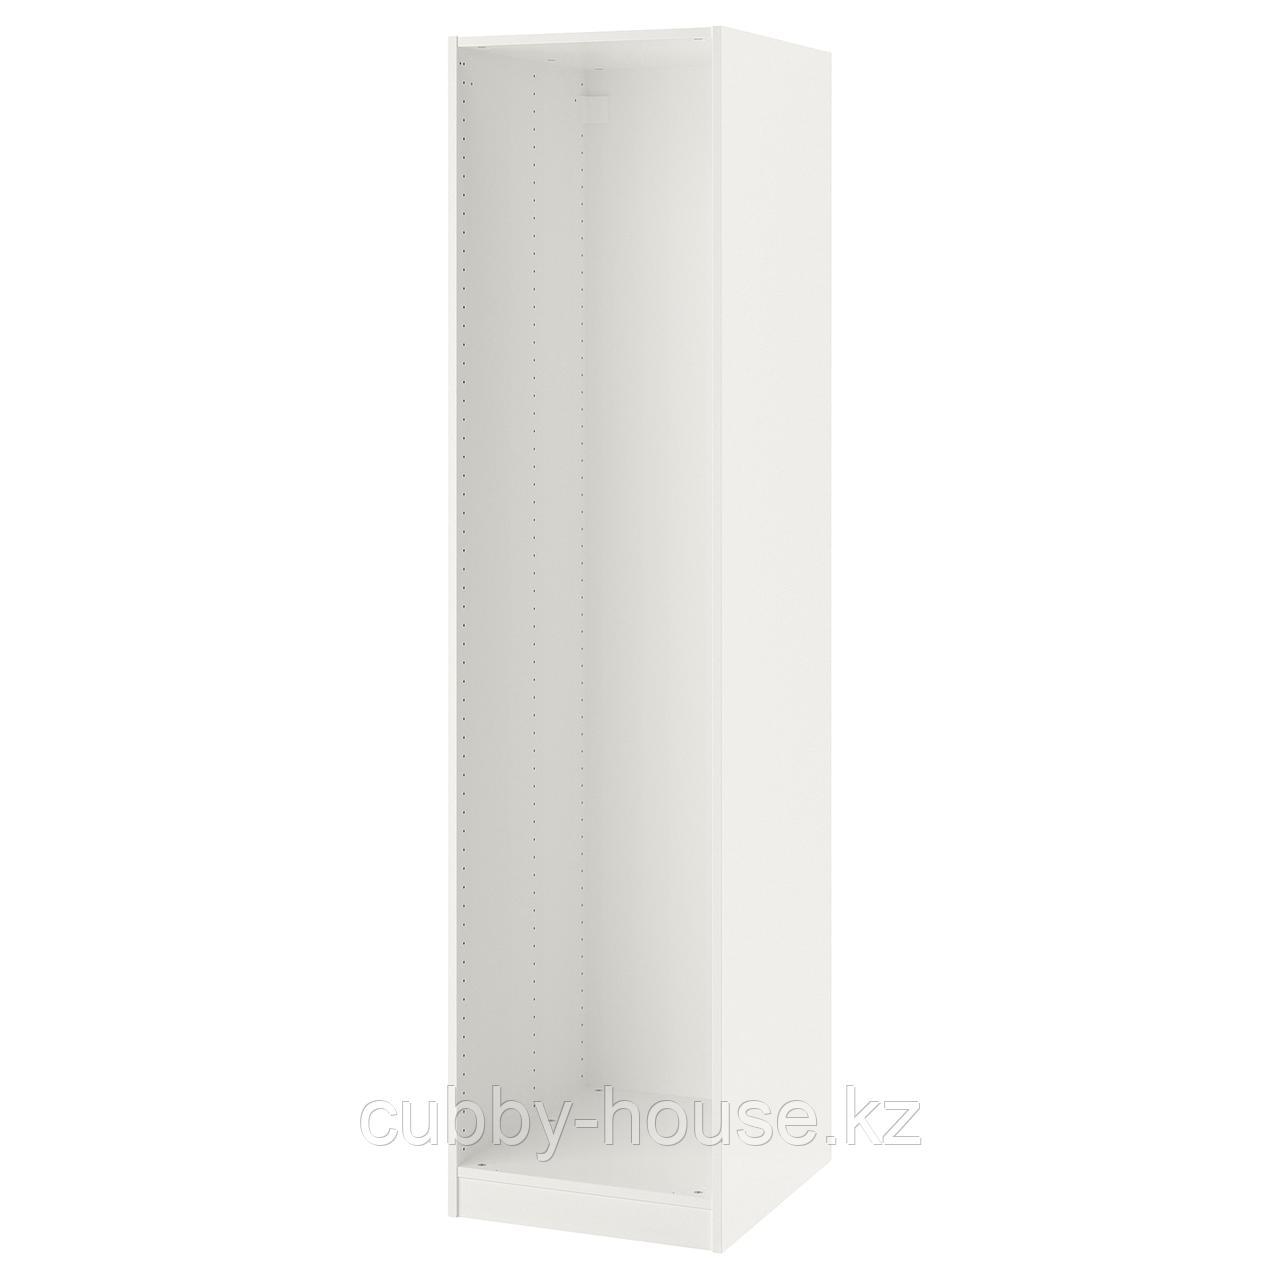 ПАКС Каркас гардероба, белый, 50x58x201 см